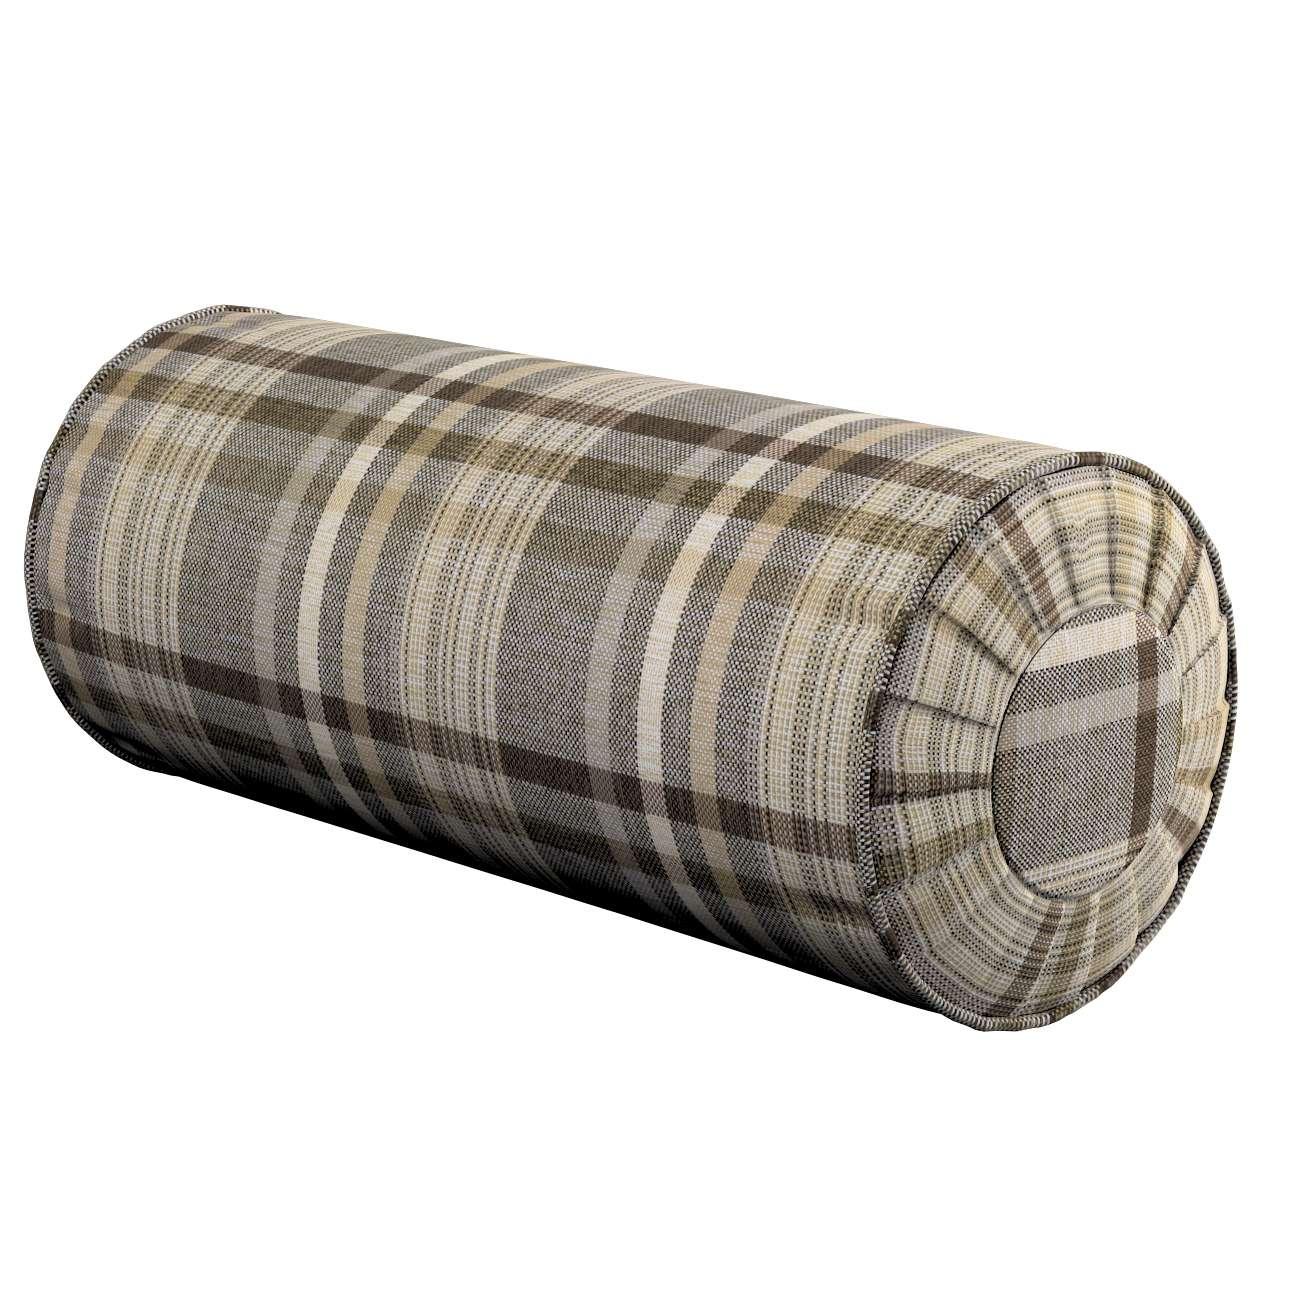 Poduszka wałek z zakładkami w kolekcji Edinburgh, tkanina: 703-17